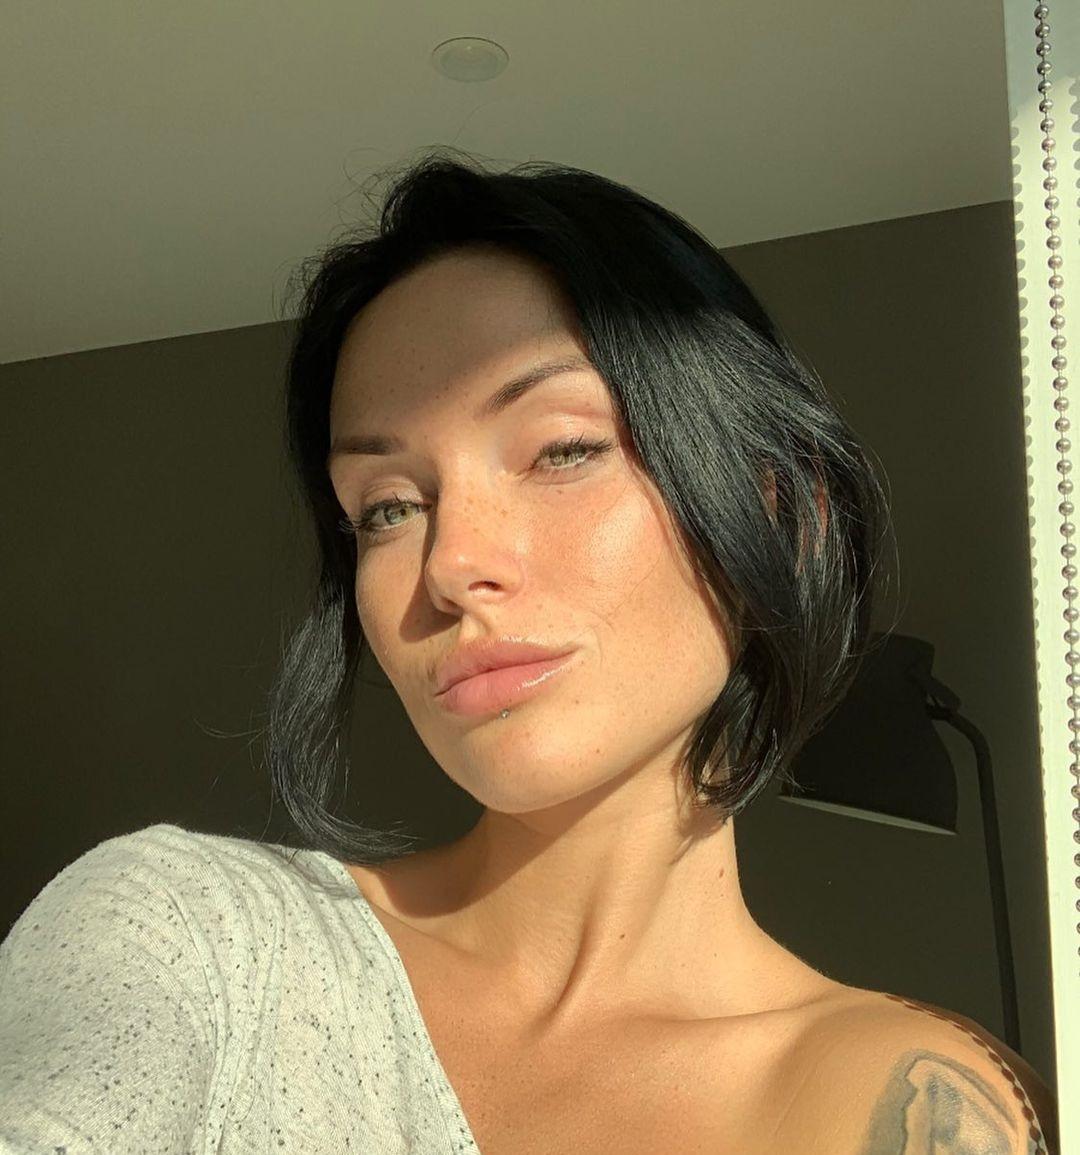 Kayla-Lauren-Wallpapers-Insta-Biography-10